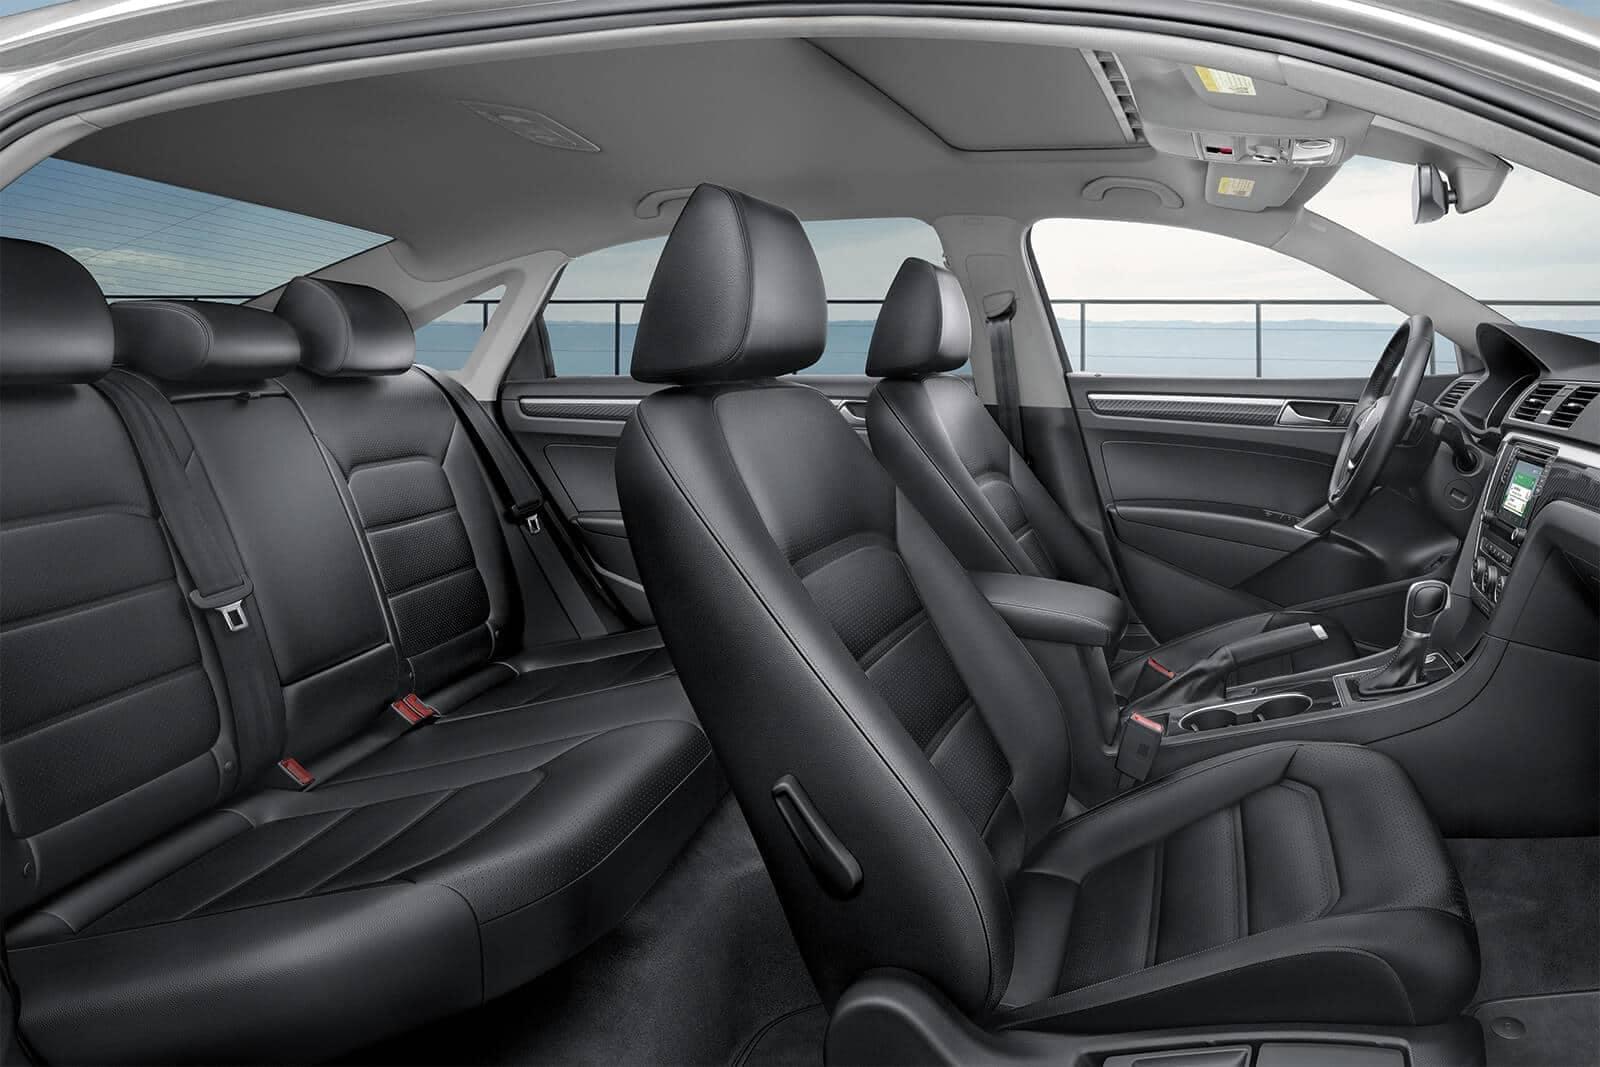 2019-Volkswagen-Passat-seating